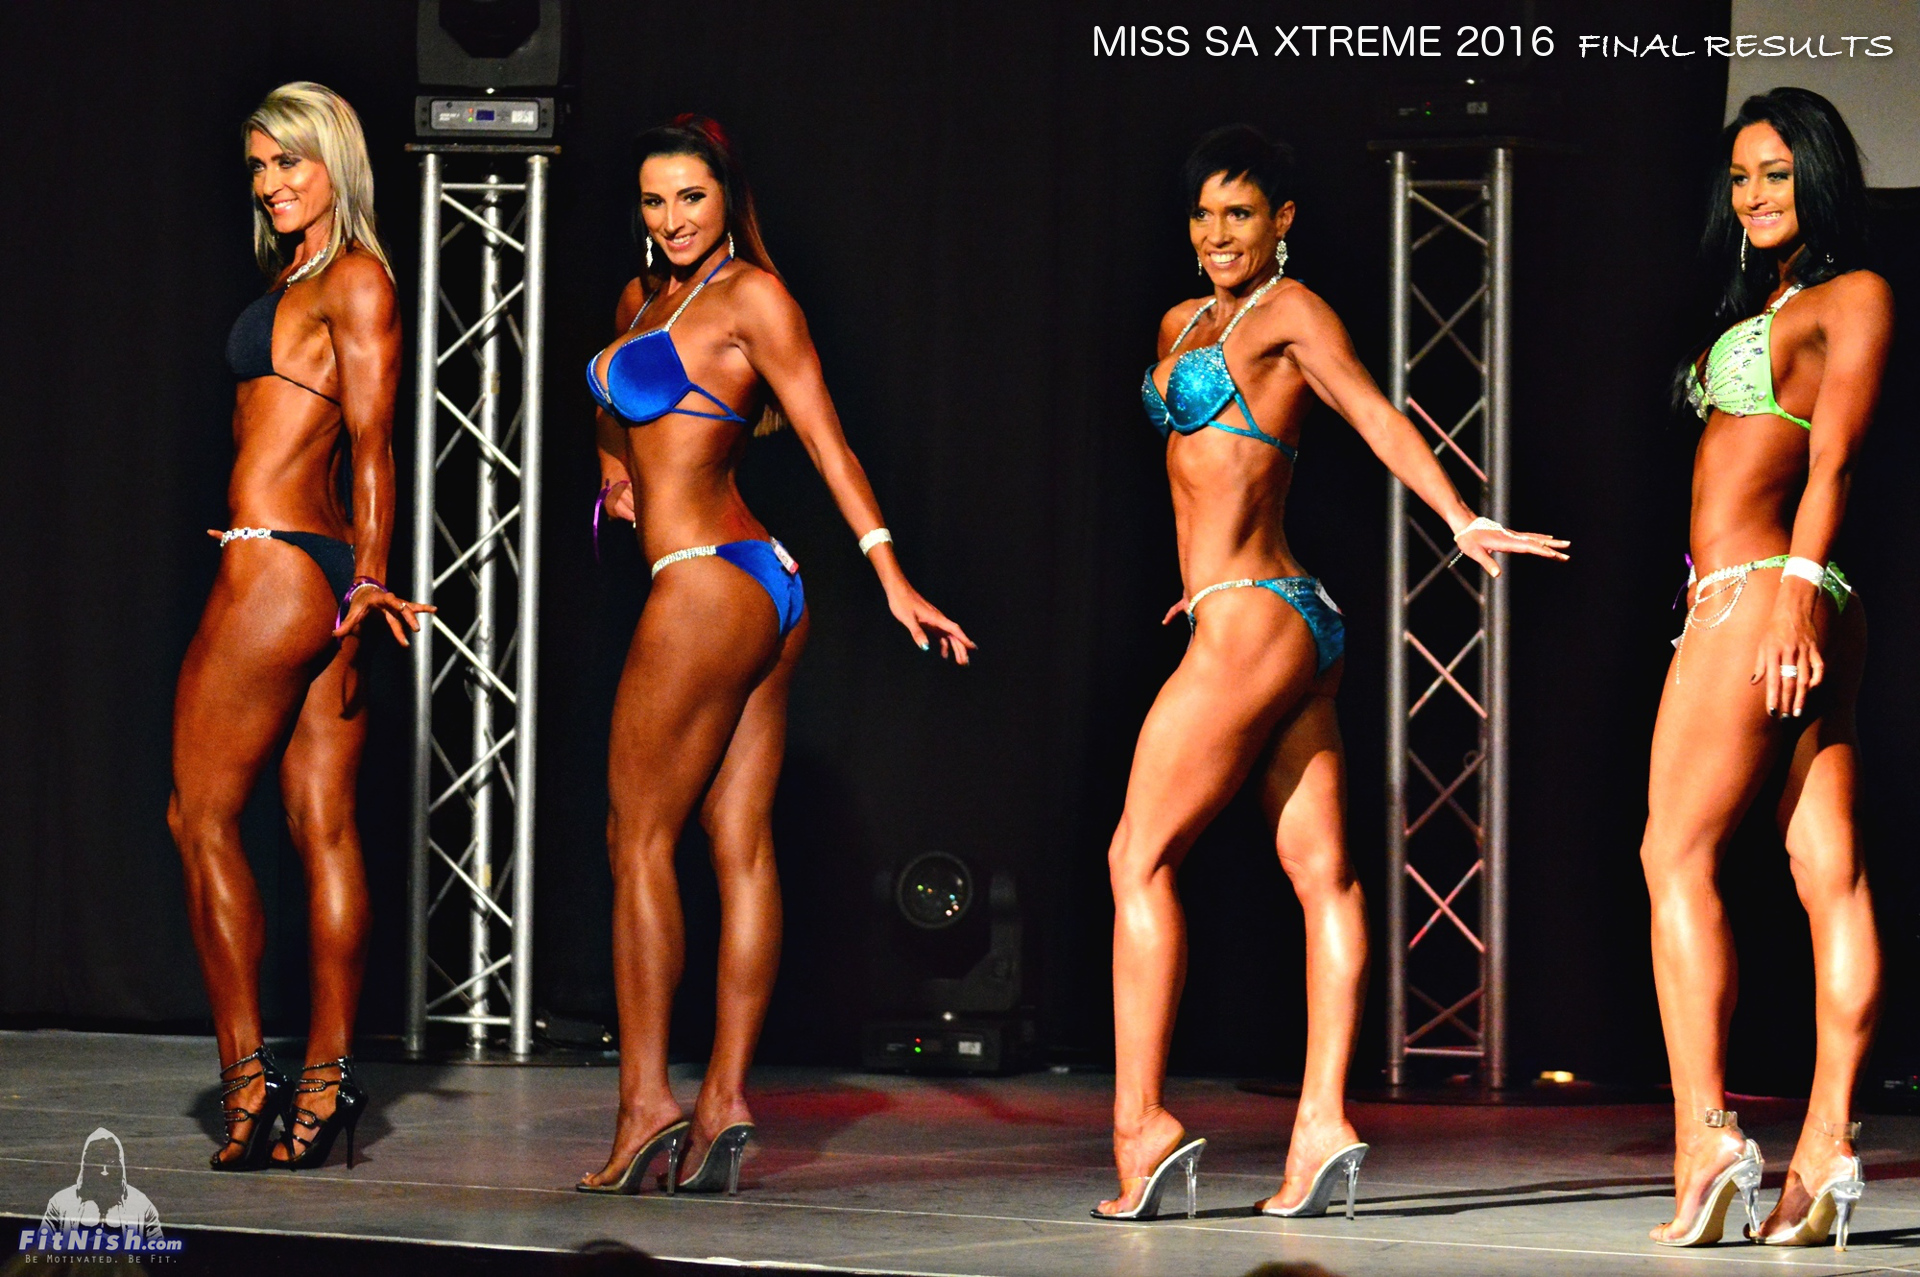 Miss SA Xtreme 2016 | Final Results